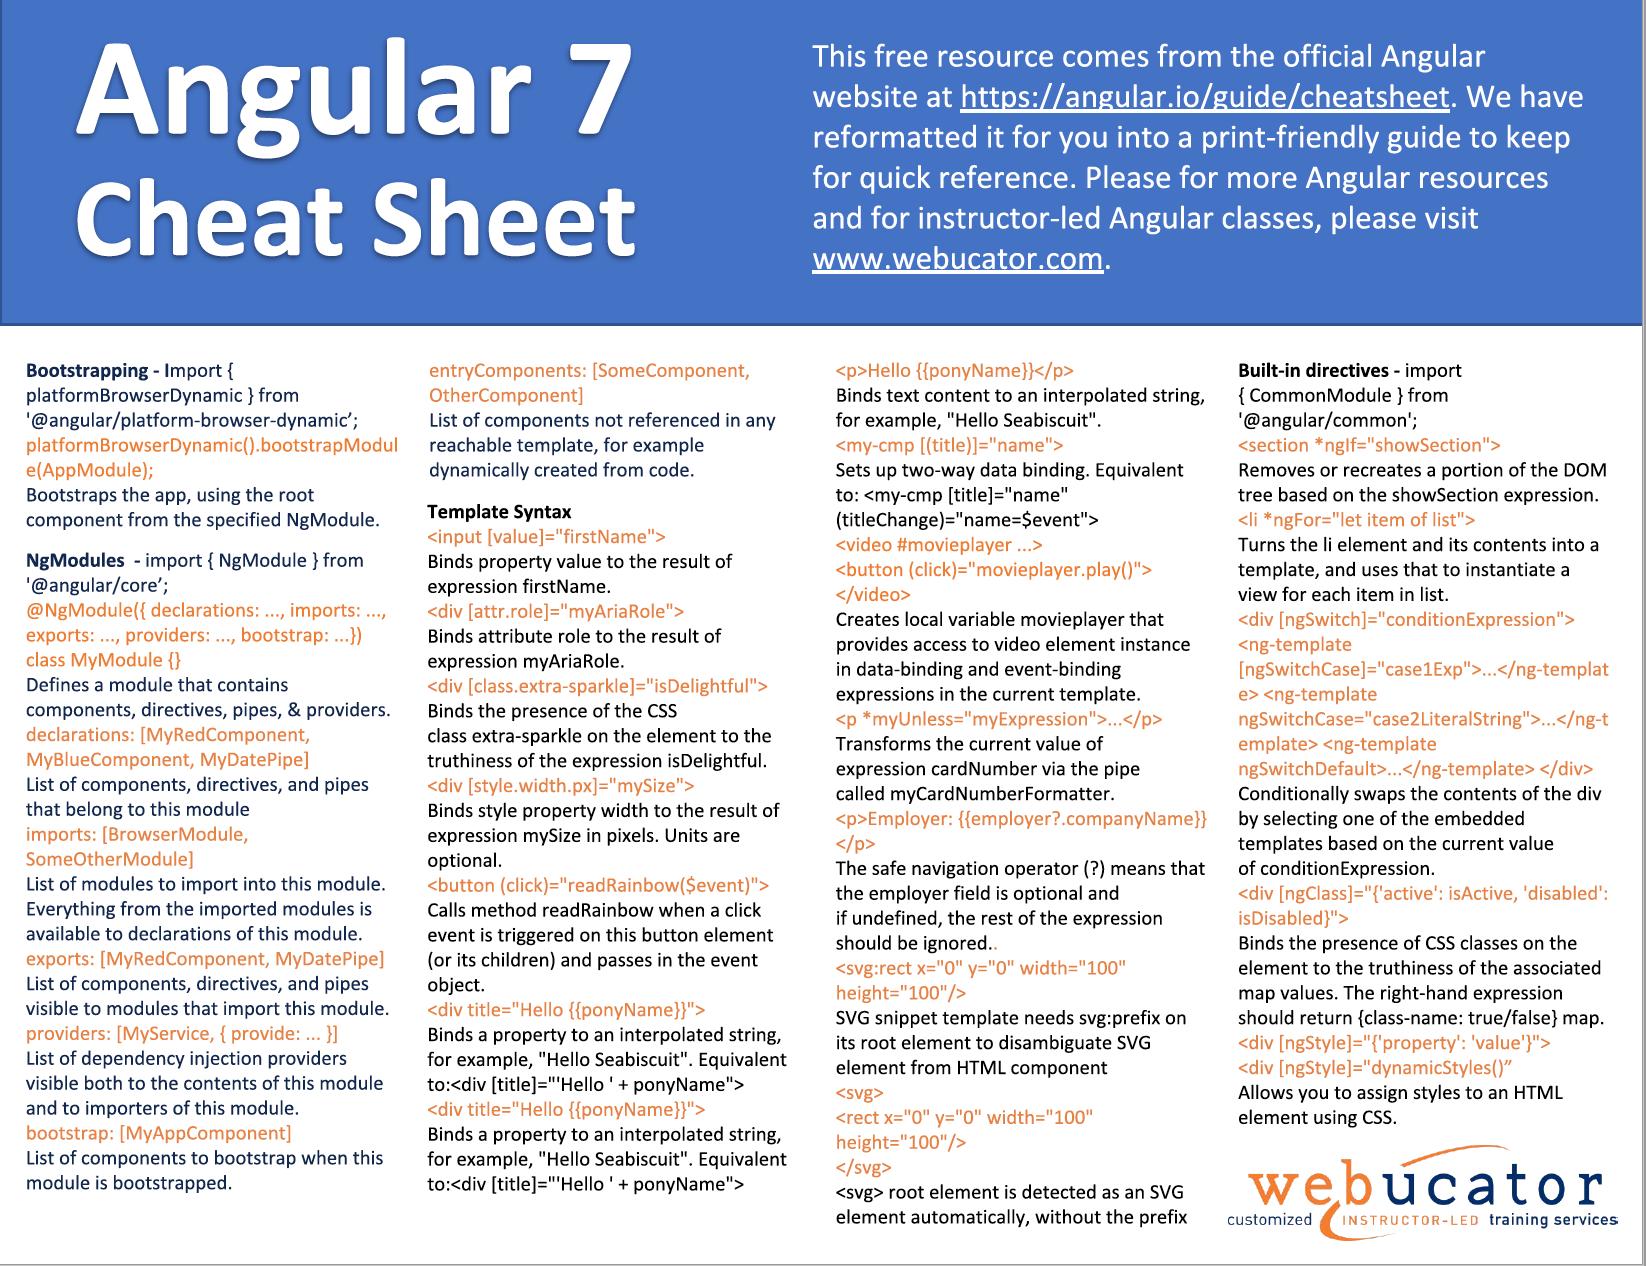 Free Angular 7 Cheat Sheet